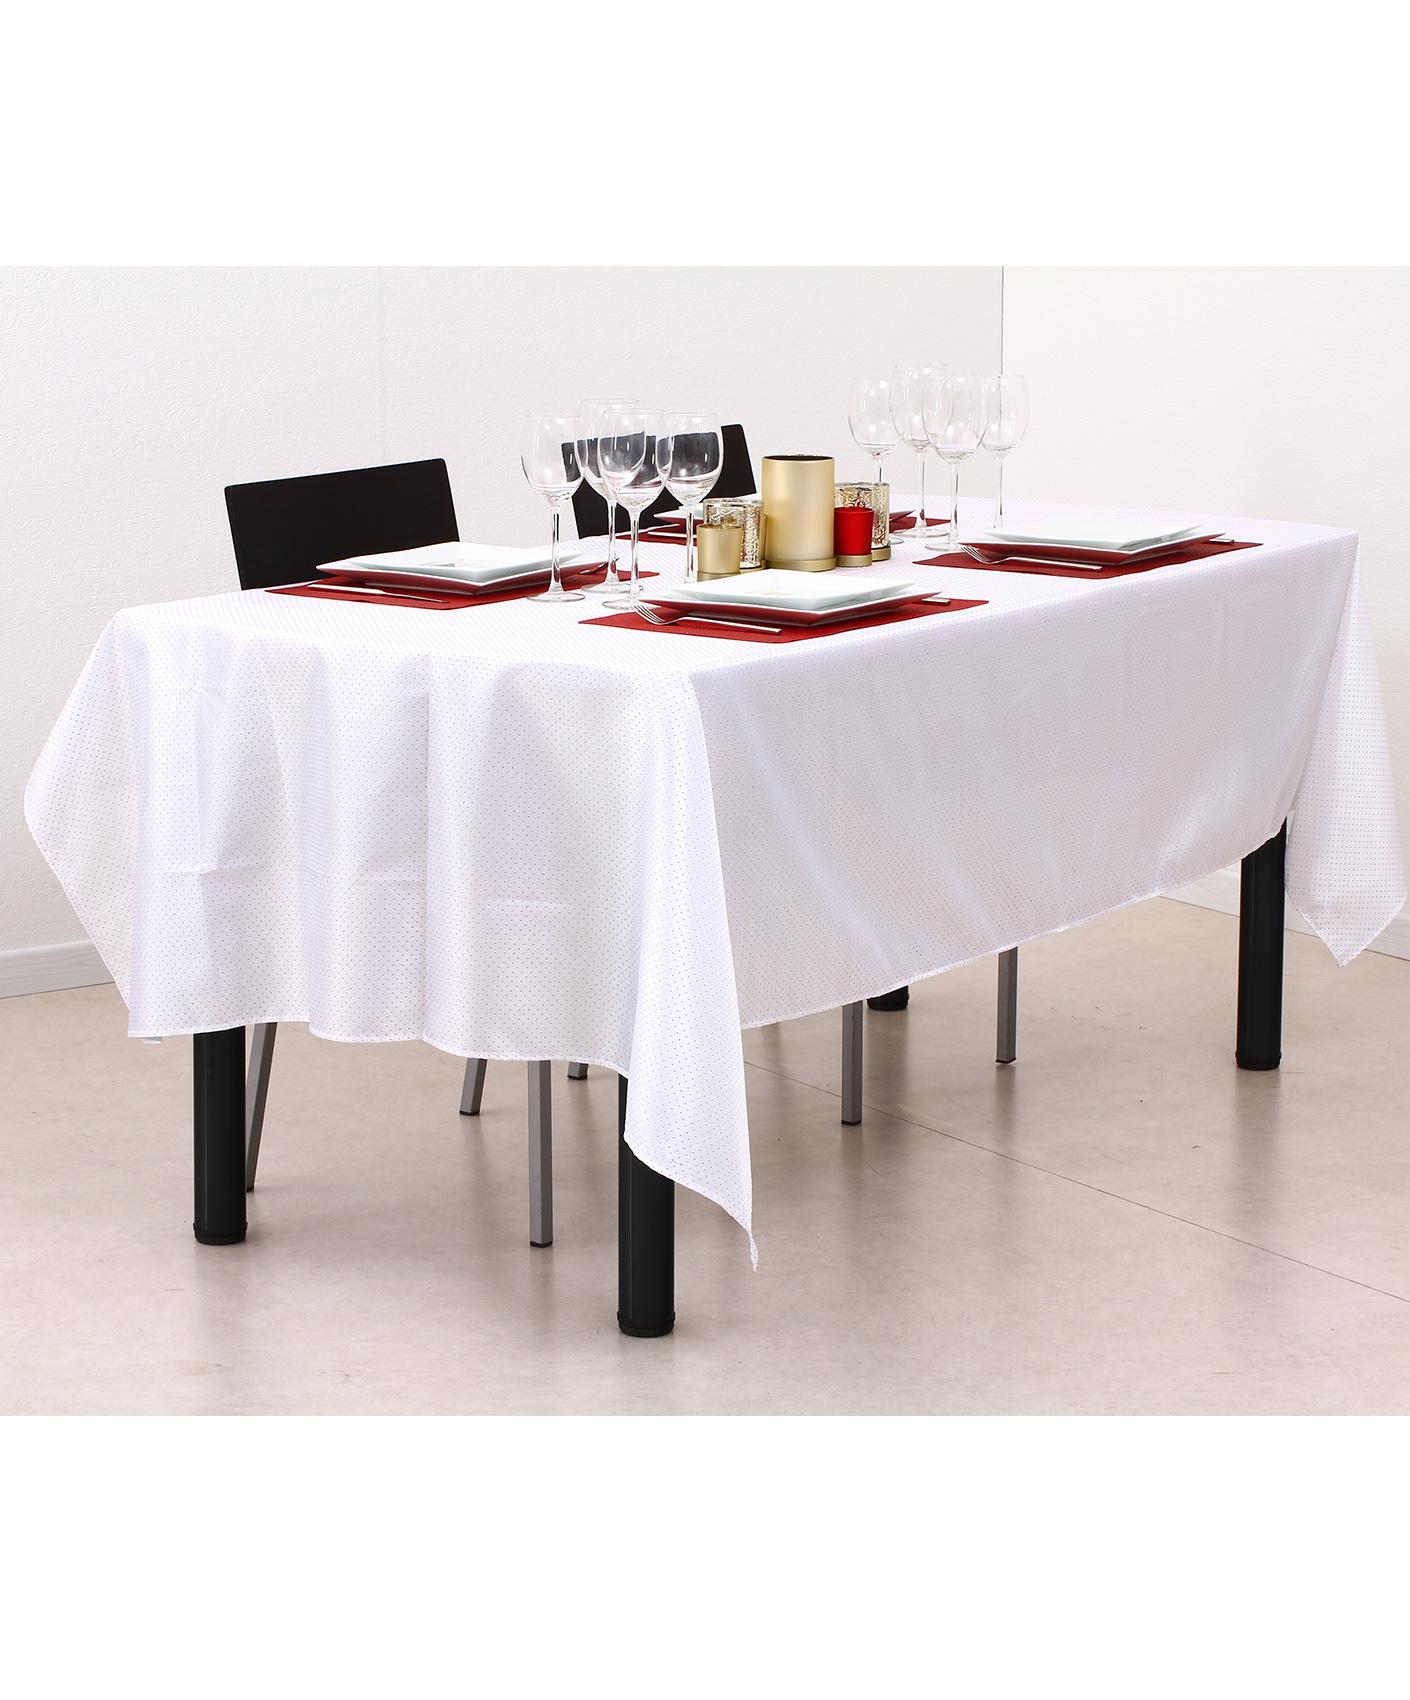 nappe en tissu rectangulaire blanche et or 140 x 240 cm d coration anniversaire et f tes. Black Bedroom Furniture Sets. Home Design Ideas